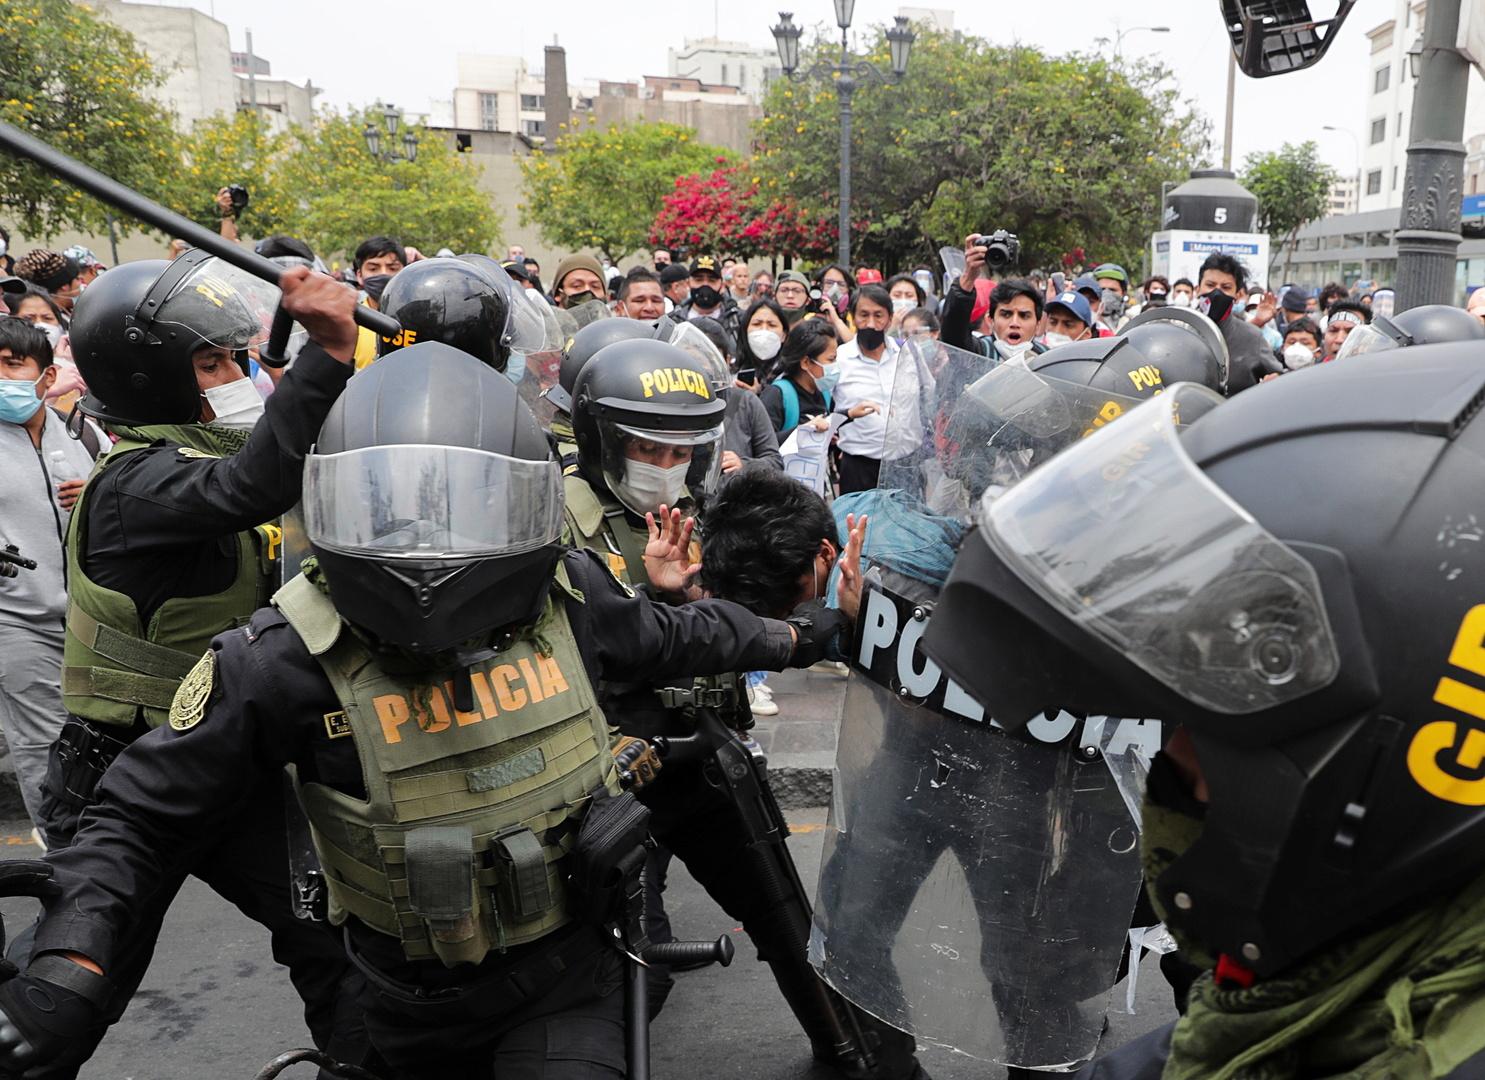 بيرو.. رئيس الكونغرس يتولى رئاسة البلاد وسط احتجاجات رافضة لعزل رئيس الجمهورية